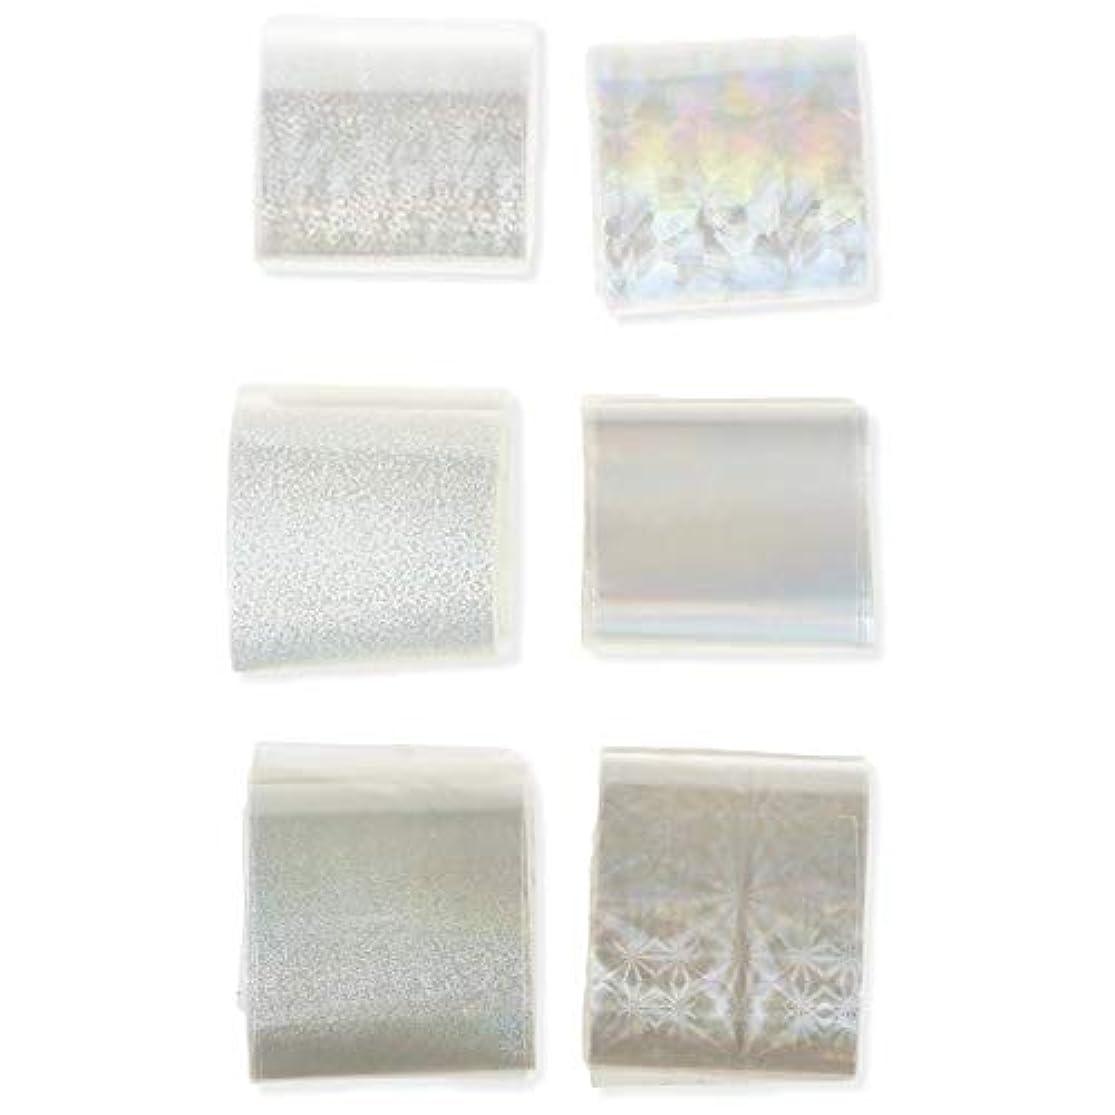 被害者ファンドドラッグネイルパーツ ネイルステッカー 透明 ネイル箔 キラキラ ネイルパーツ アート転写 ステッカーペーパー ネイル ヒントデコ レーション アクセサリー 6本 ハンドメイド材料